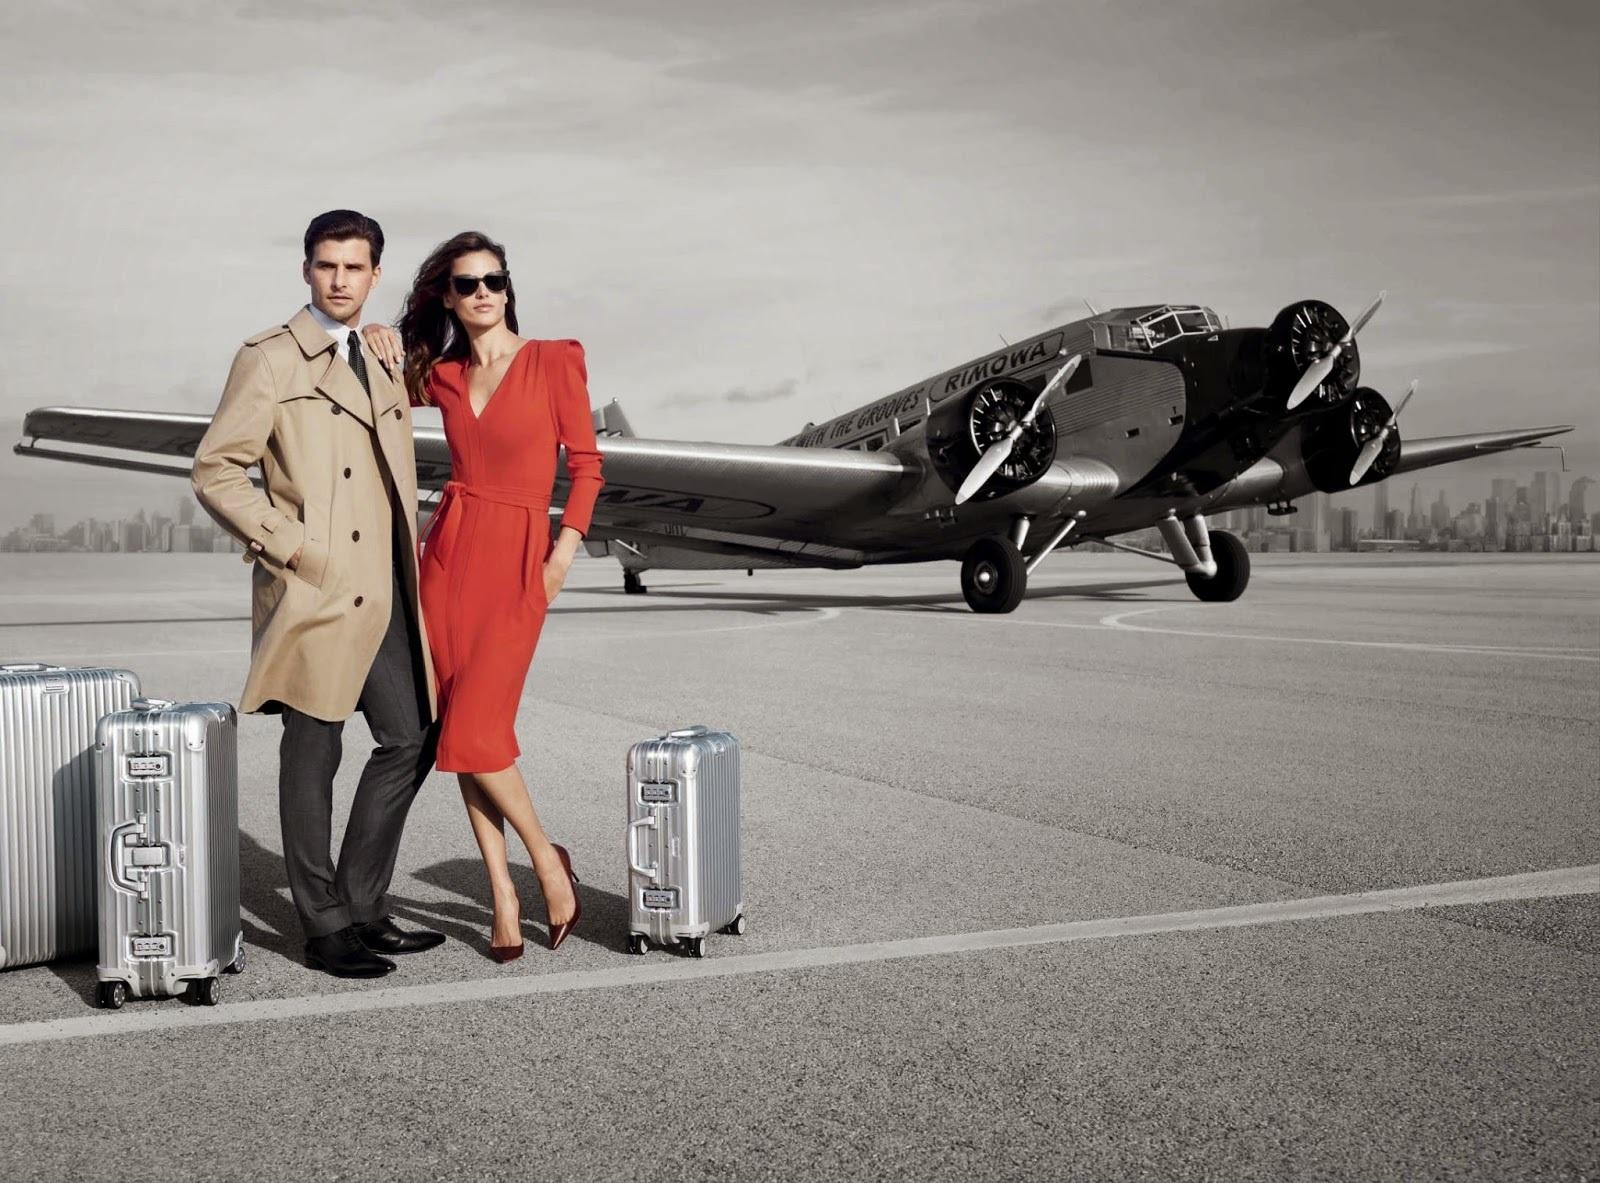 スーツケースに見る、男の逞しさ。スーツケースメーカーならこの3つをおさえろ 1番目の画像